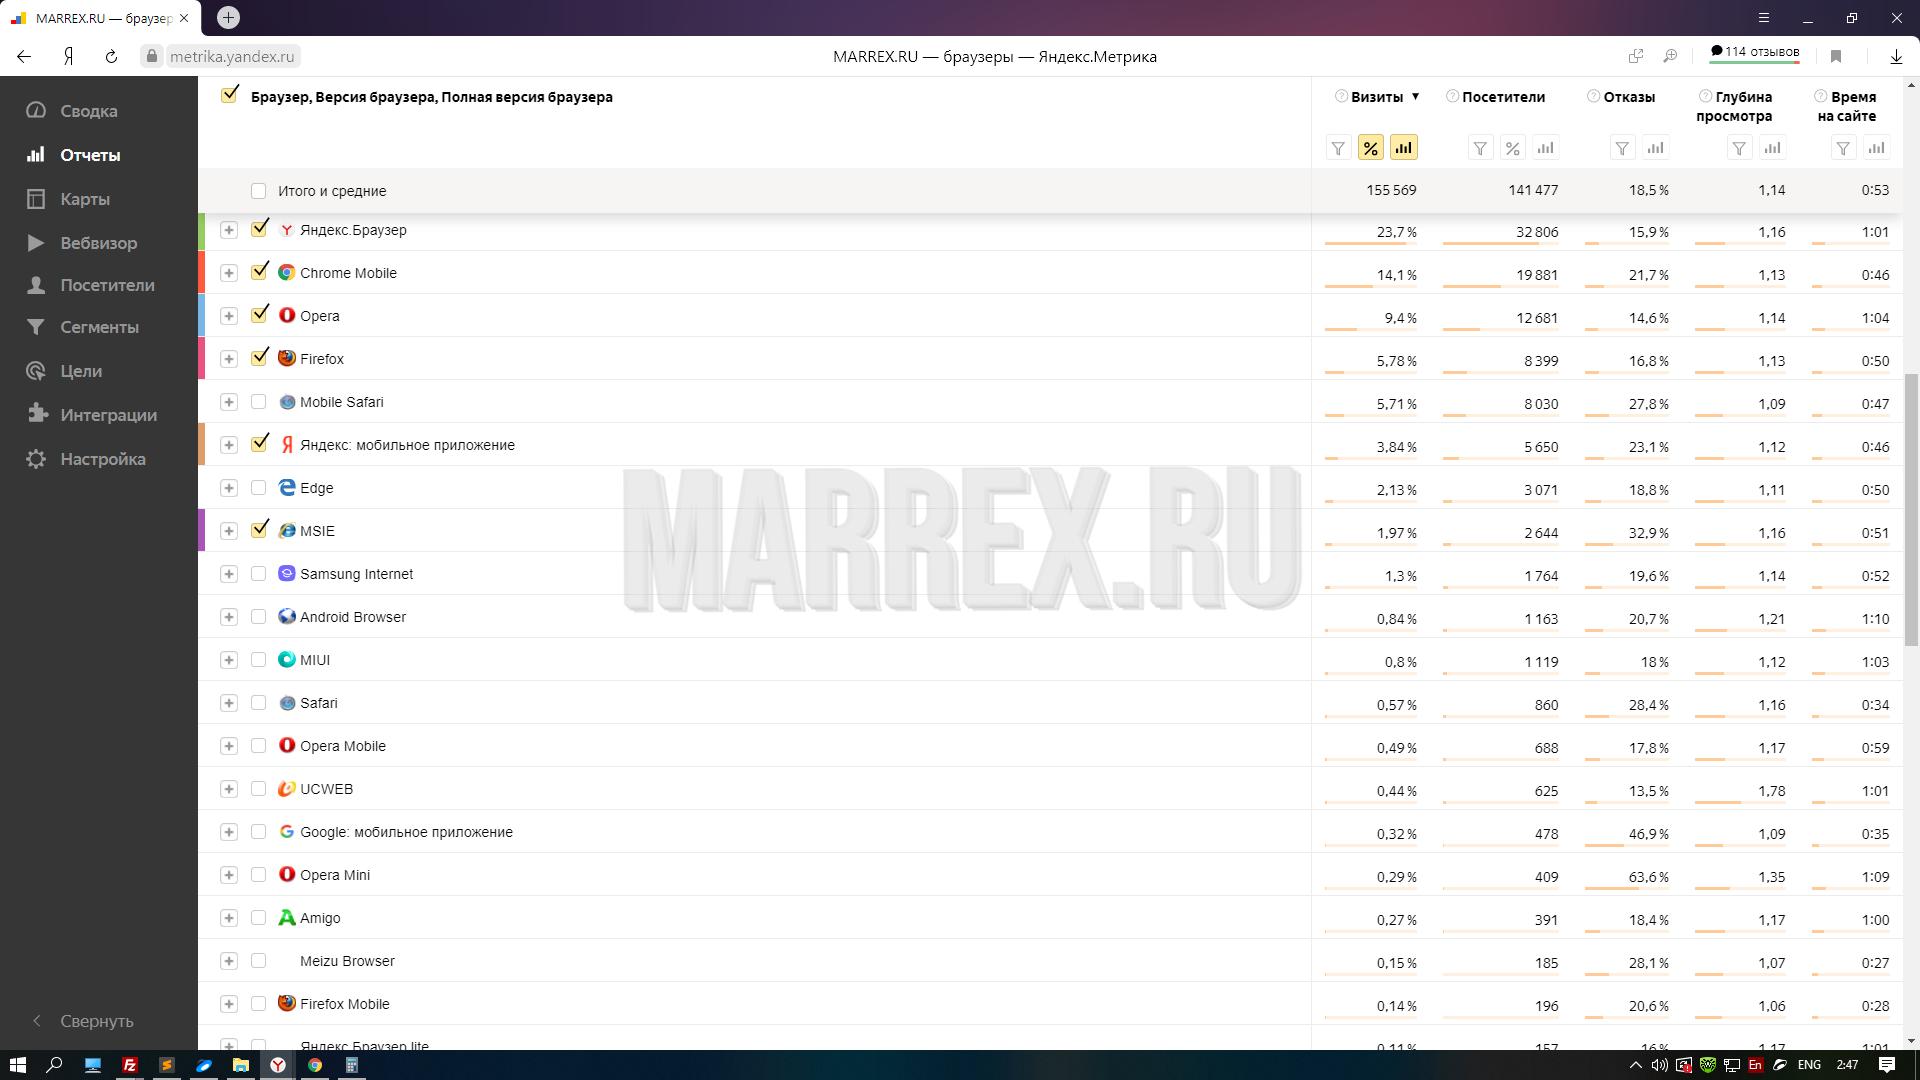 Самый популярный браузер за 2019 год